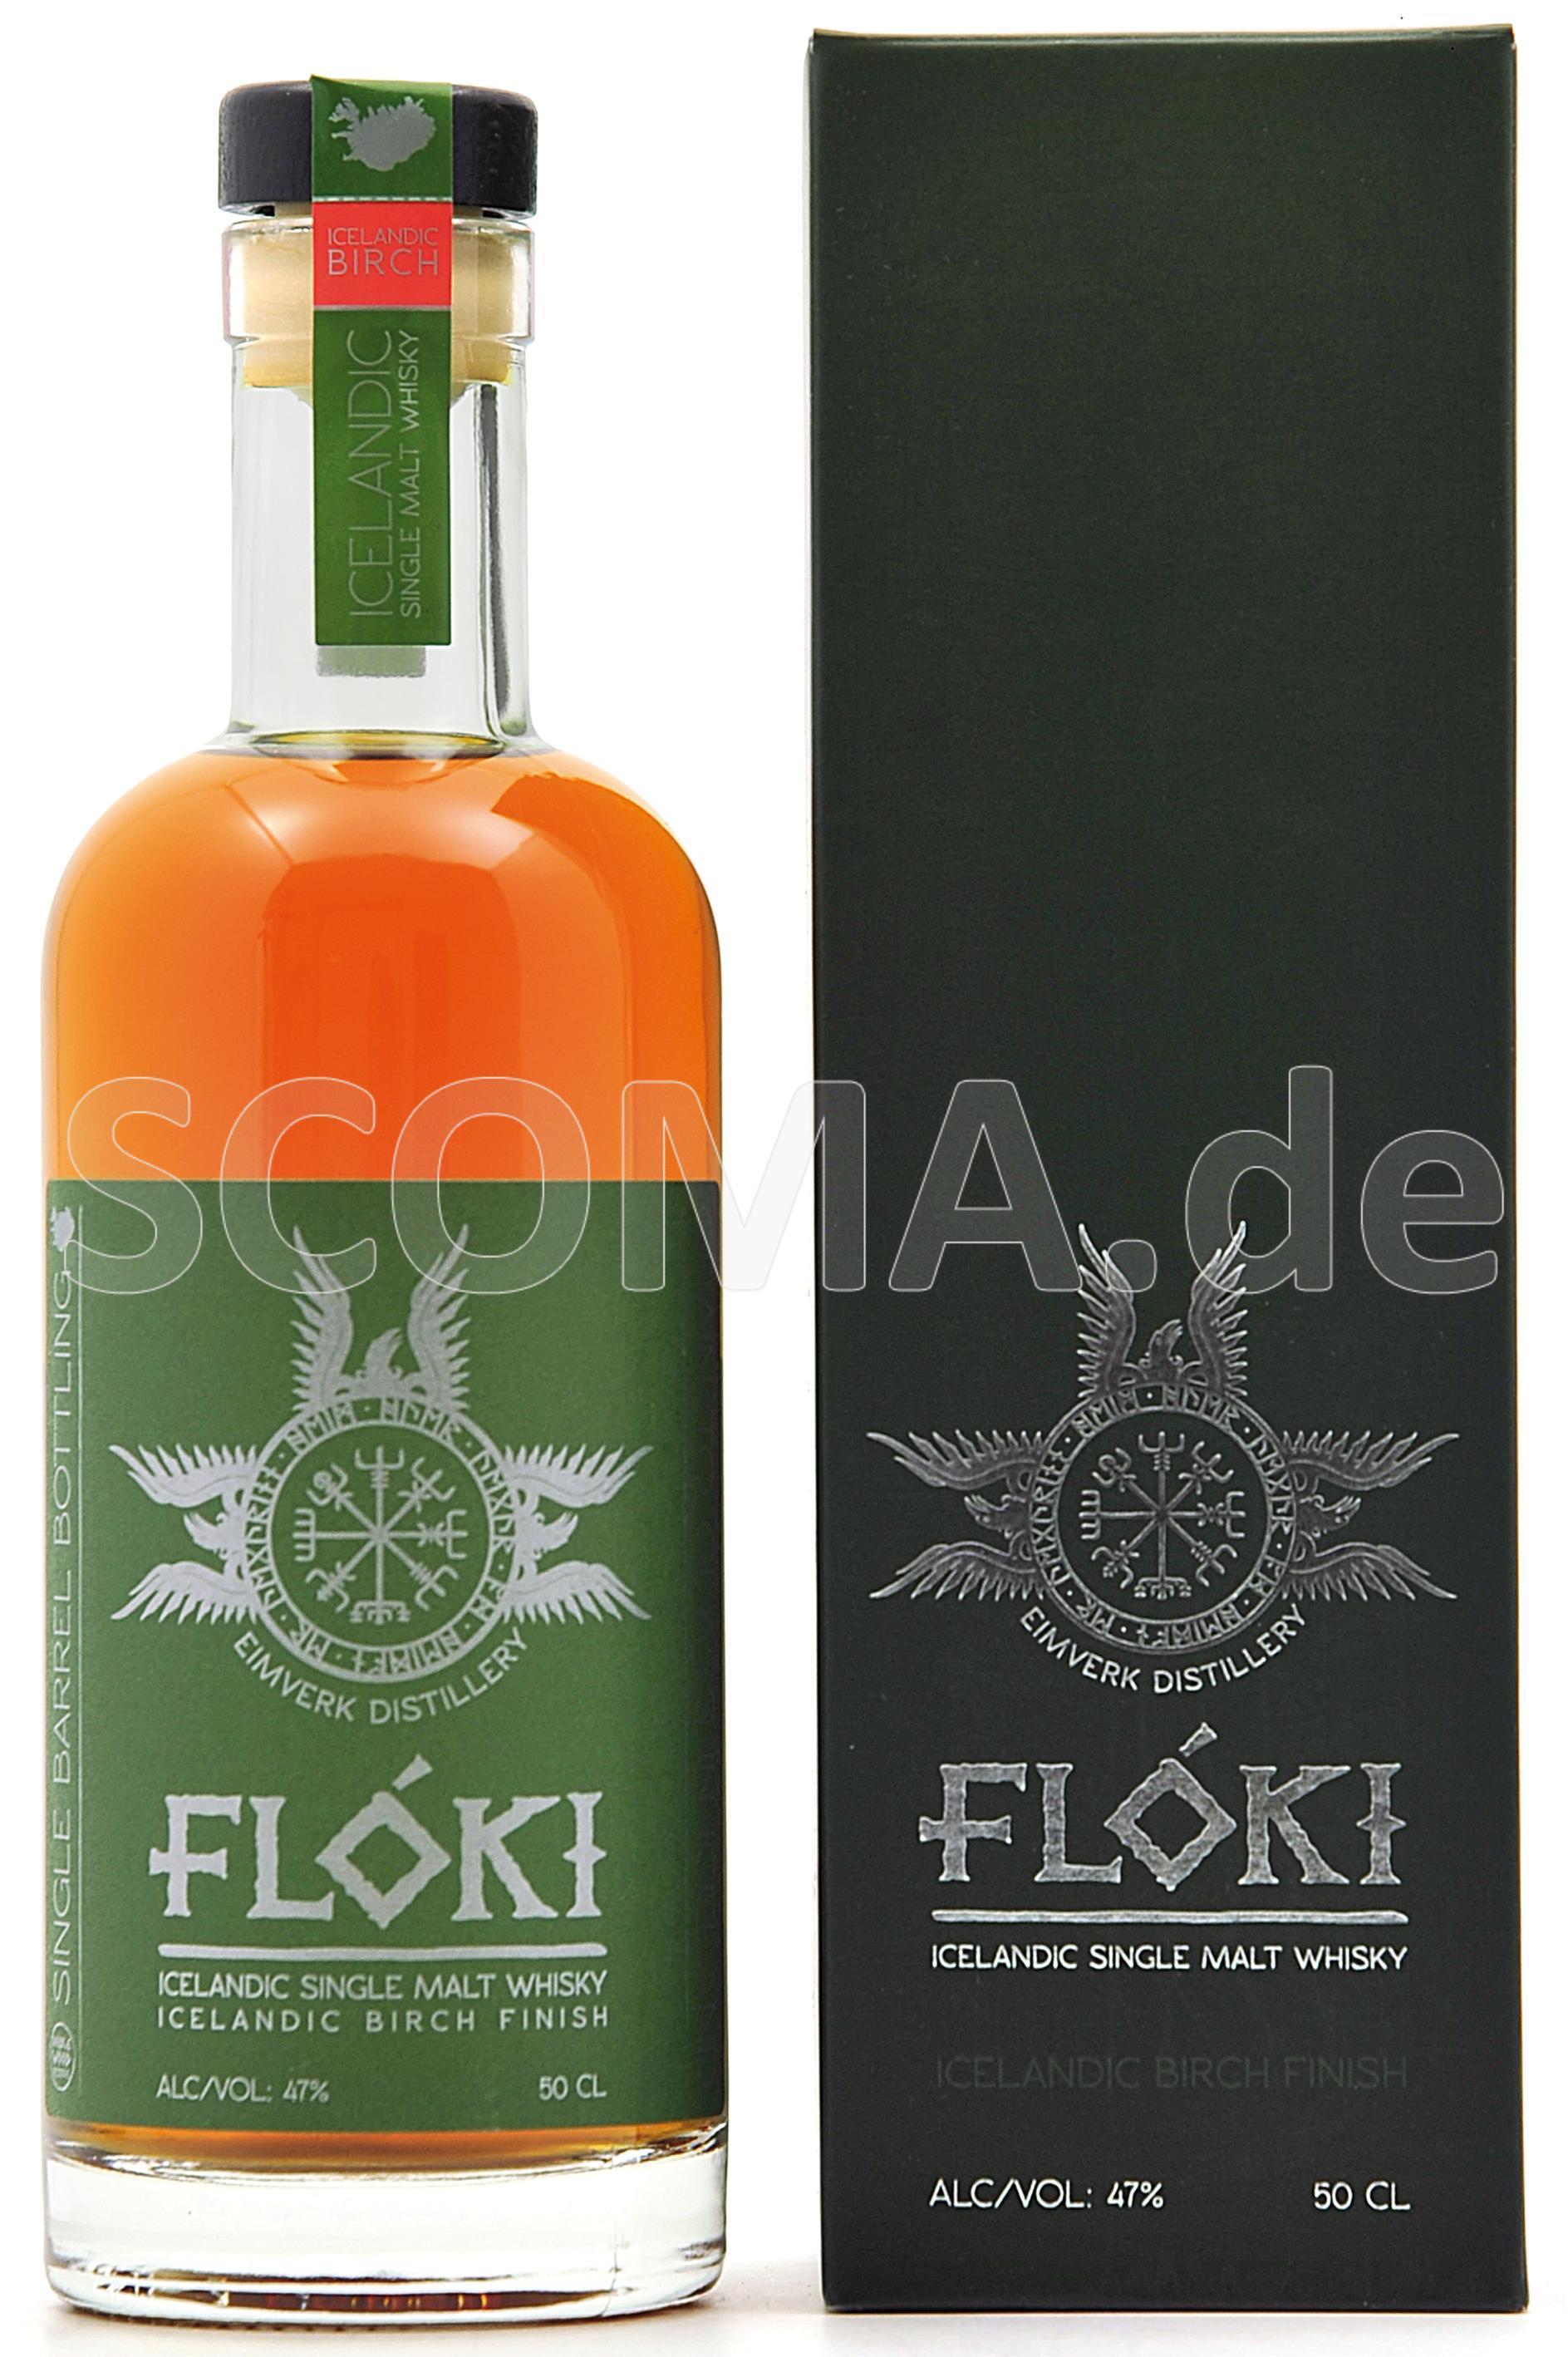 Flóki Icelandic Birch